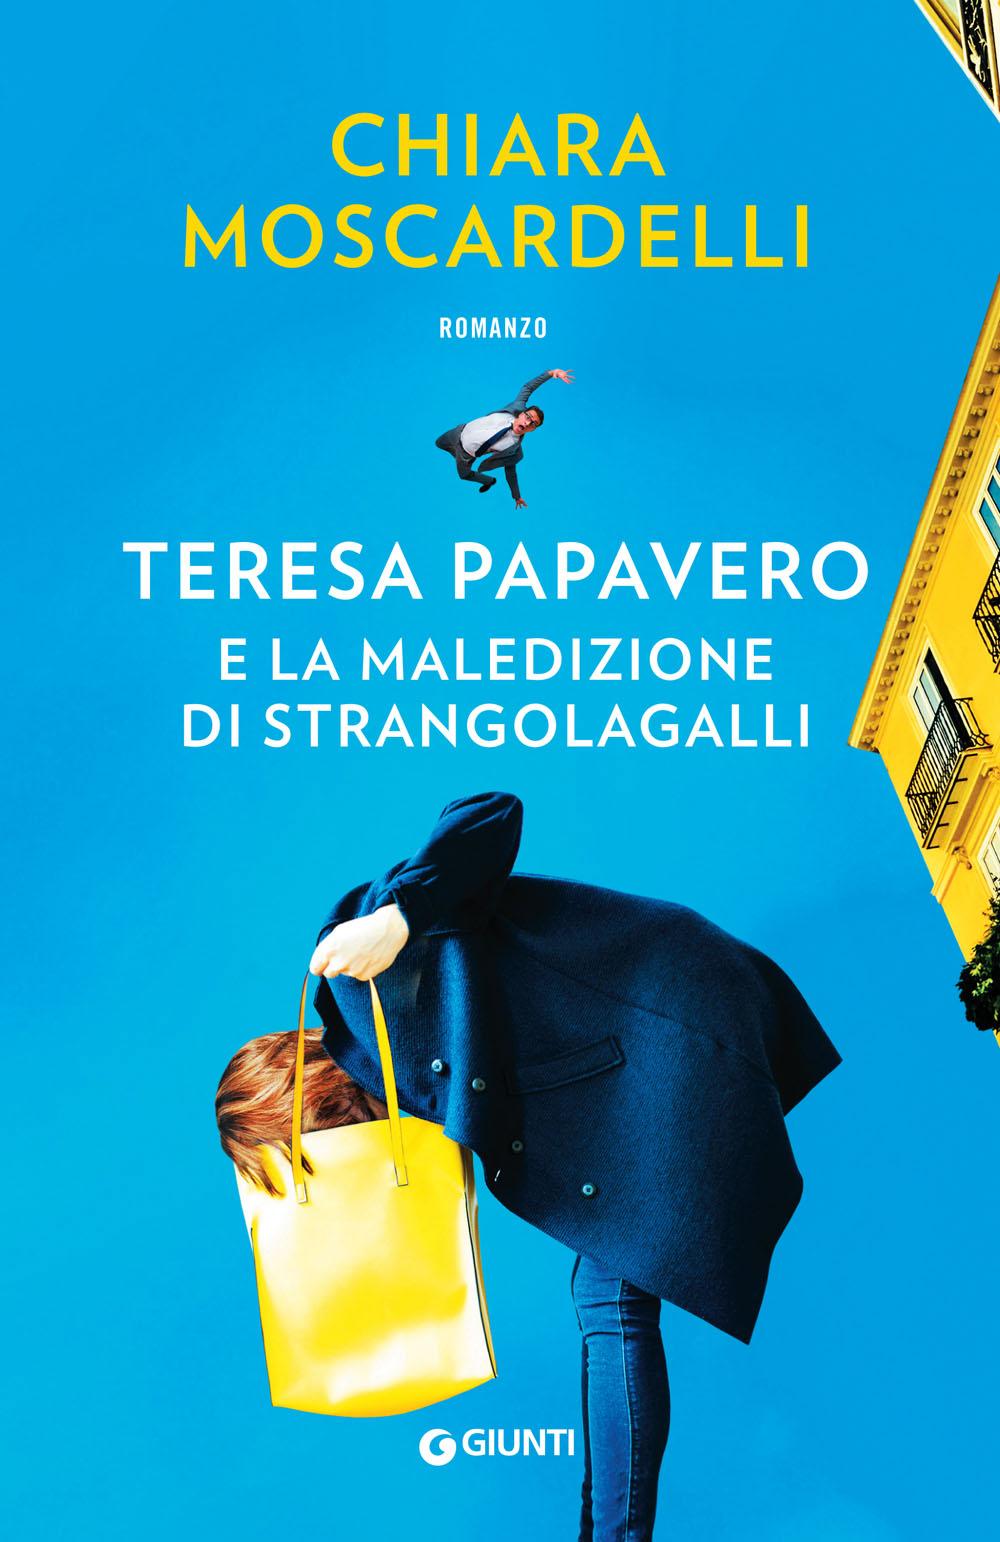 Teresa Papavero e la maledizione di Strangolagalli, di Chiara Moscardelli